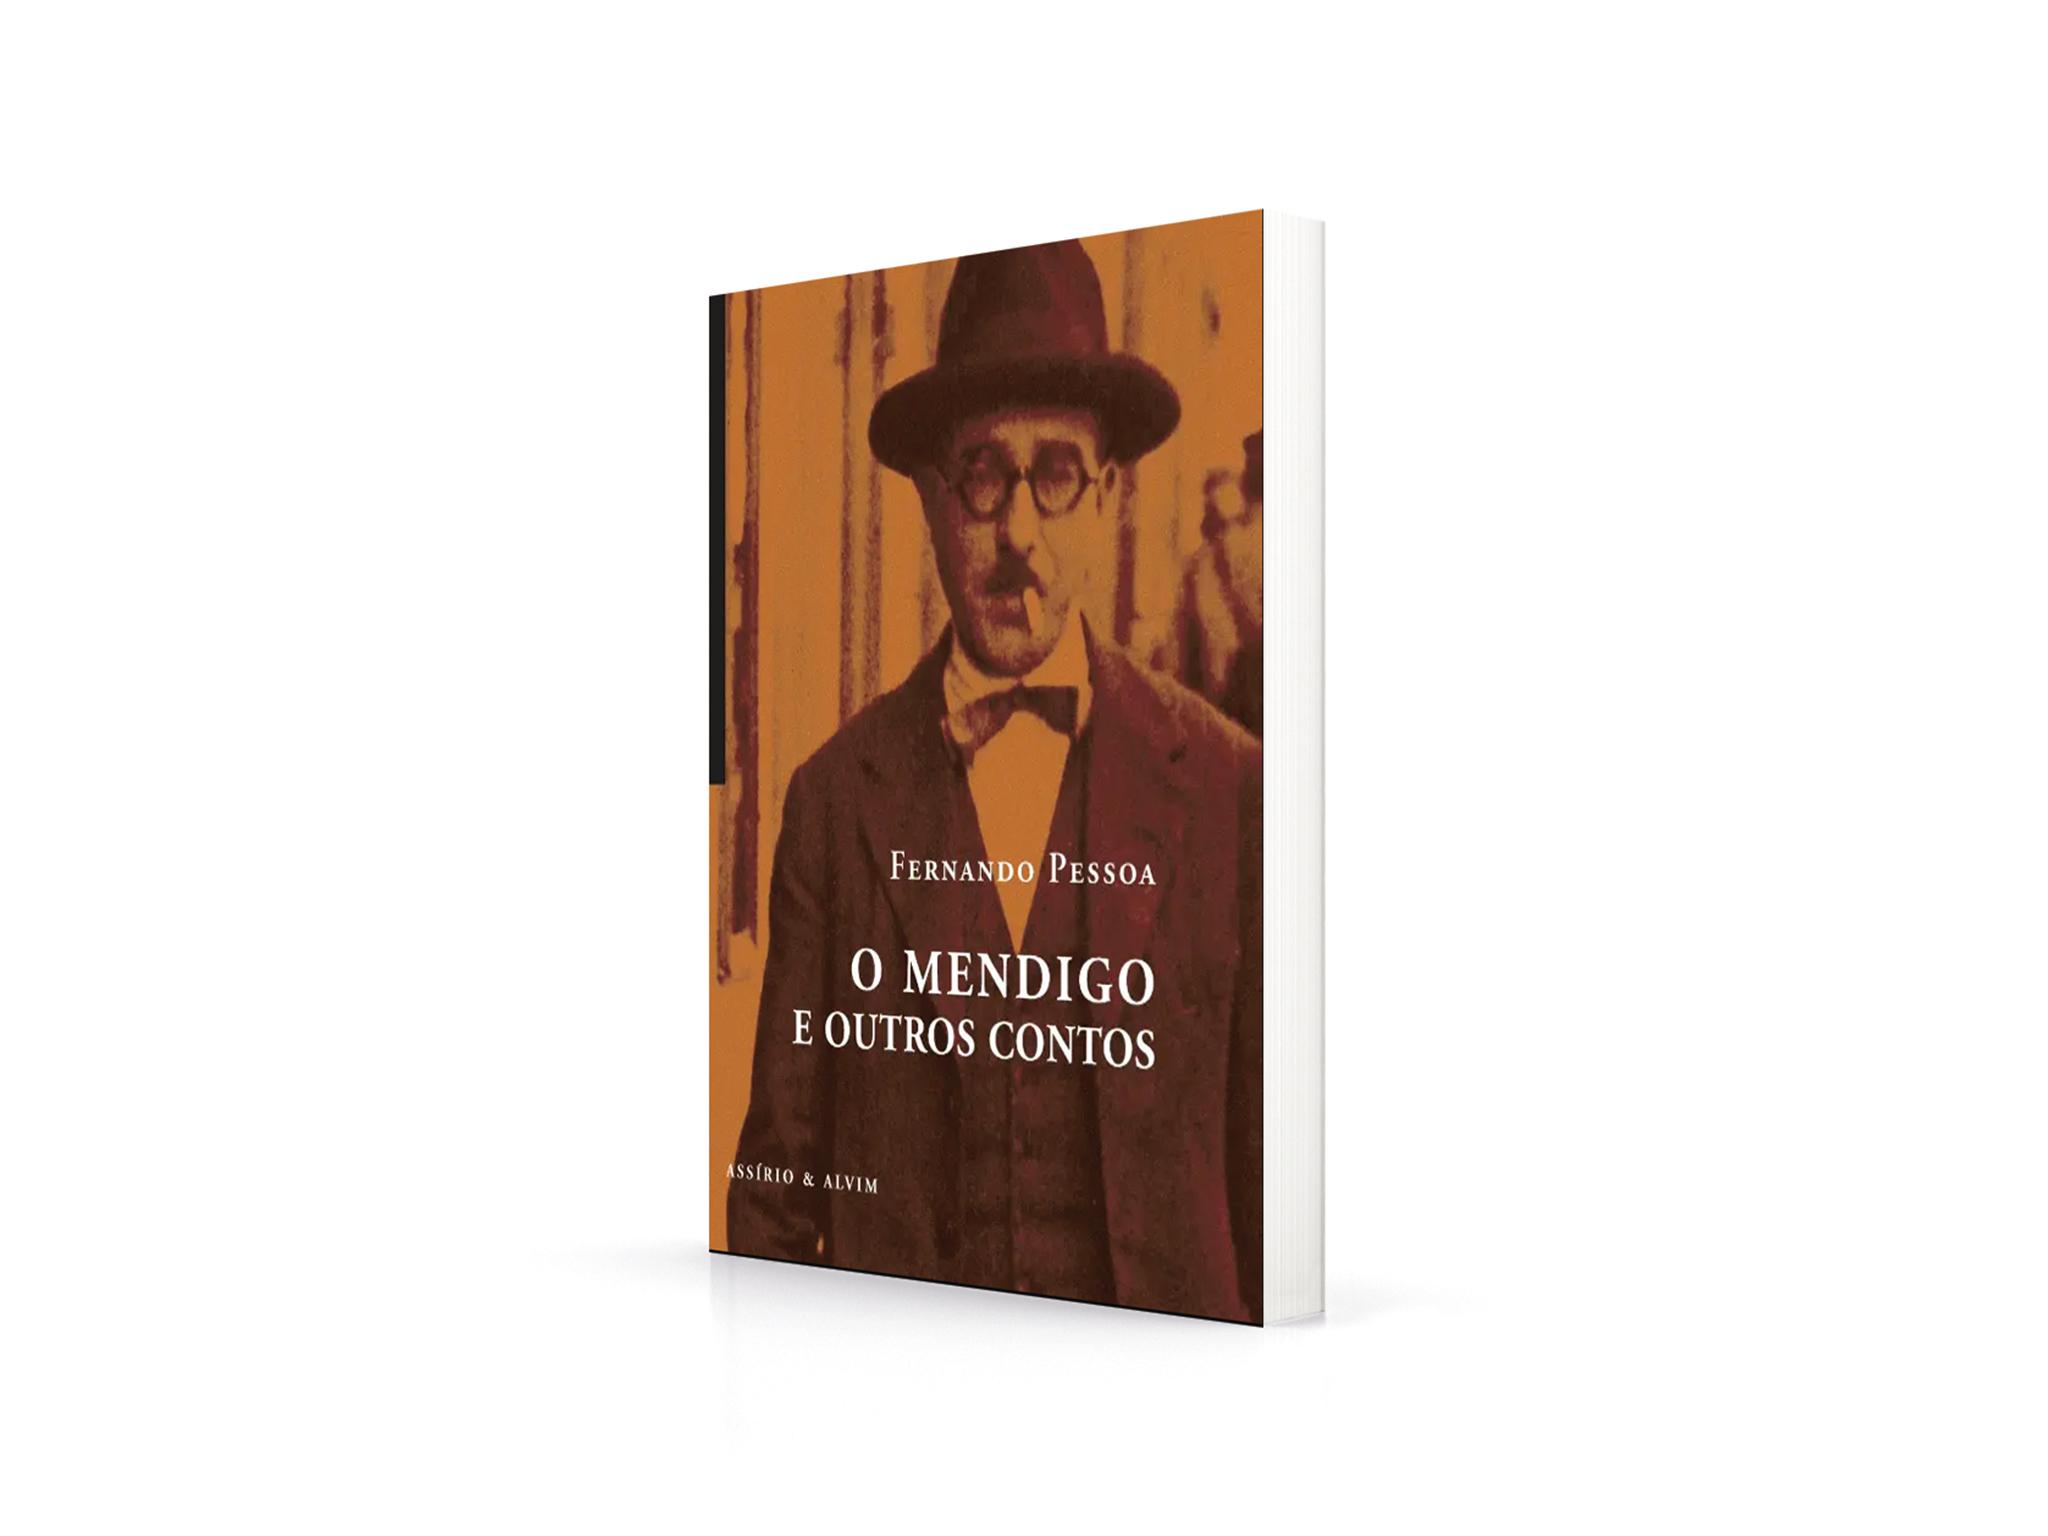 Livro, O Mendigo e Outros Contos, Fernando Fessoa